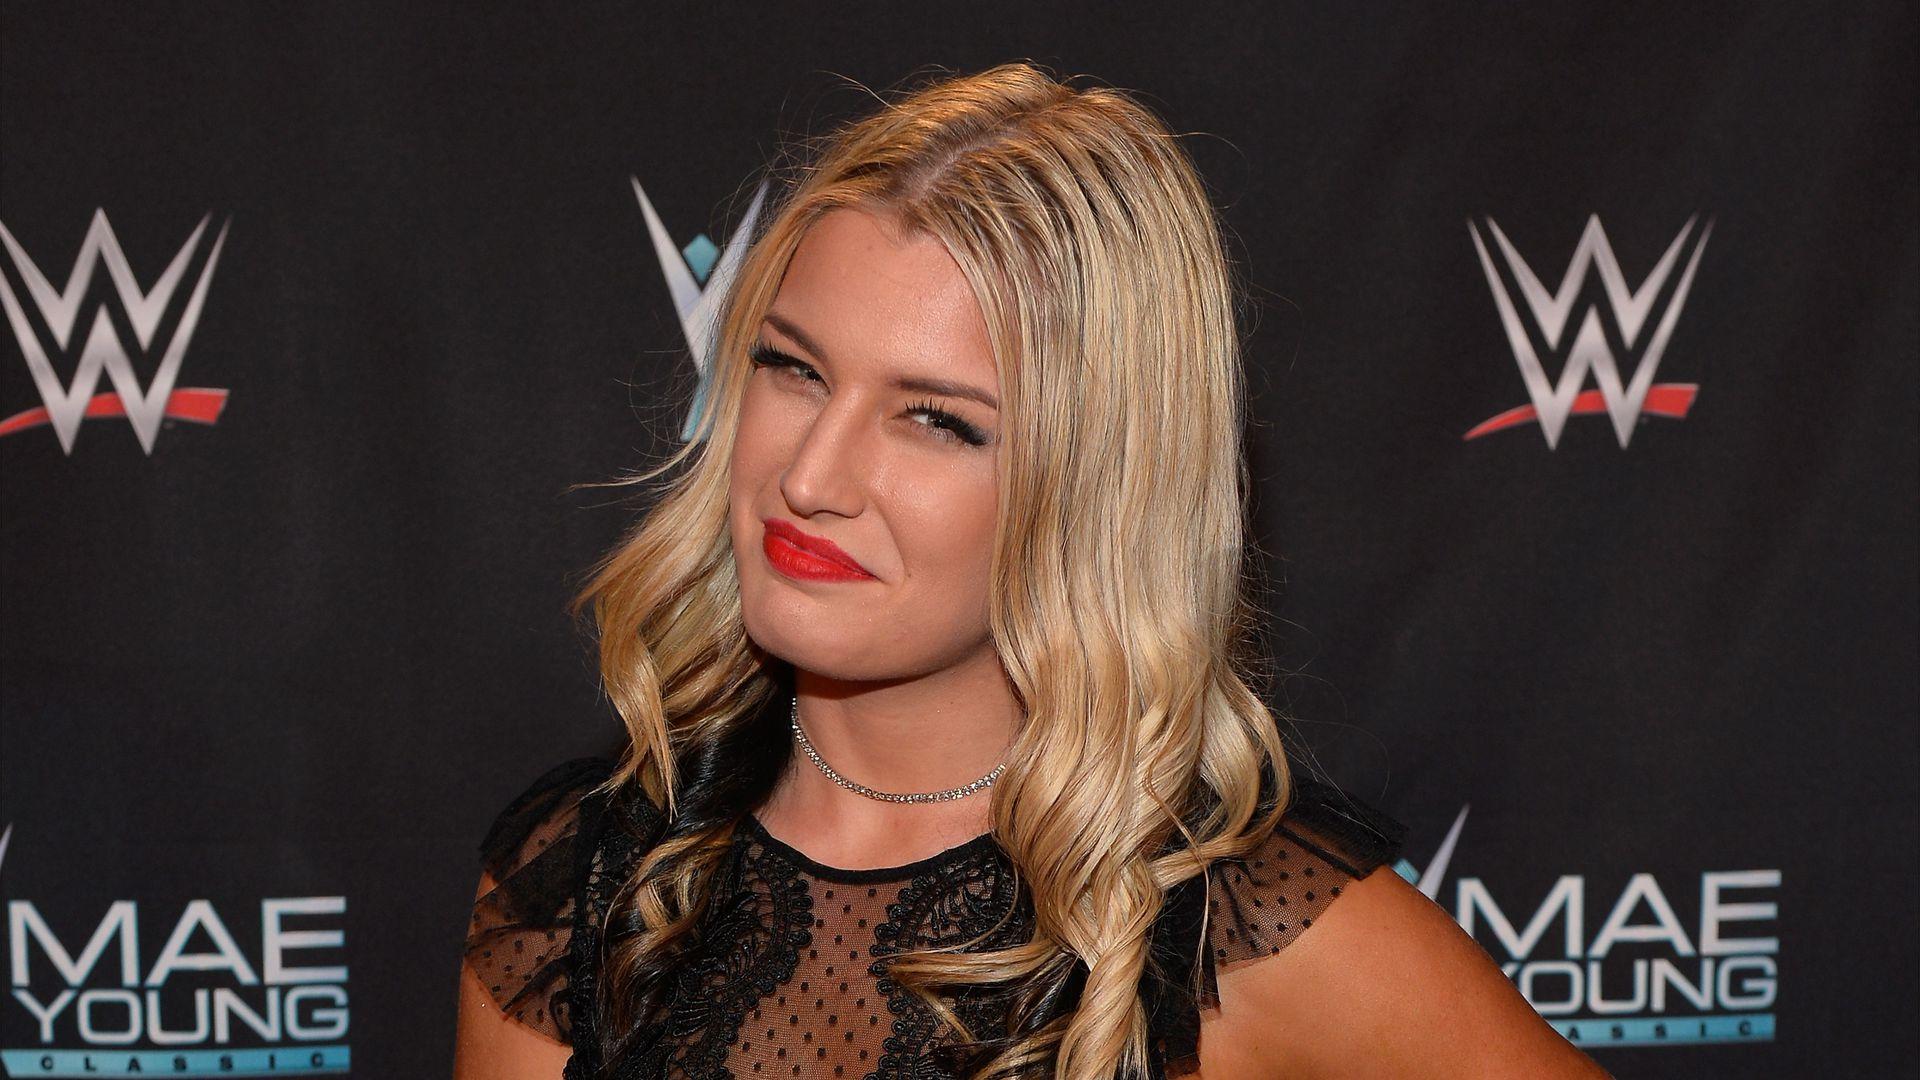 Paige nackt wrestlerin WWE star